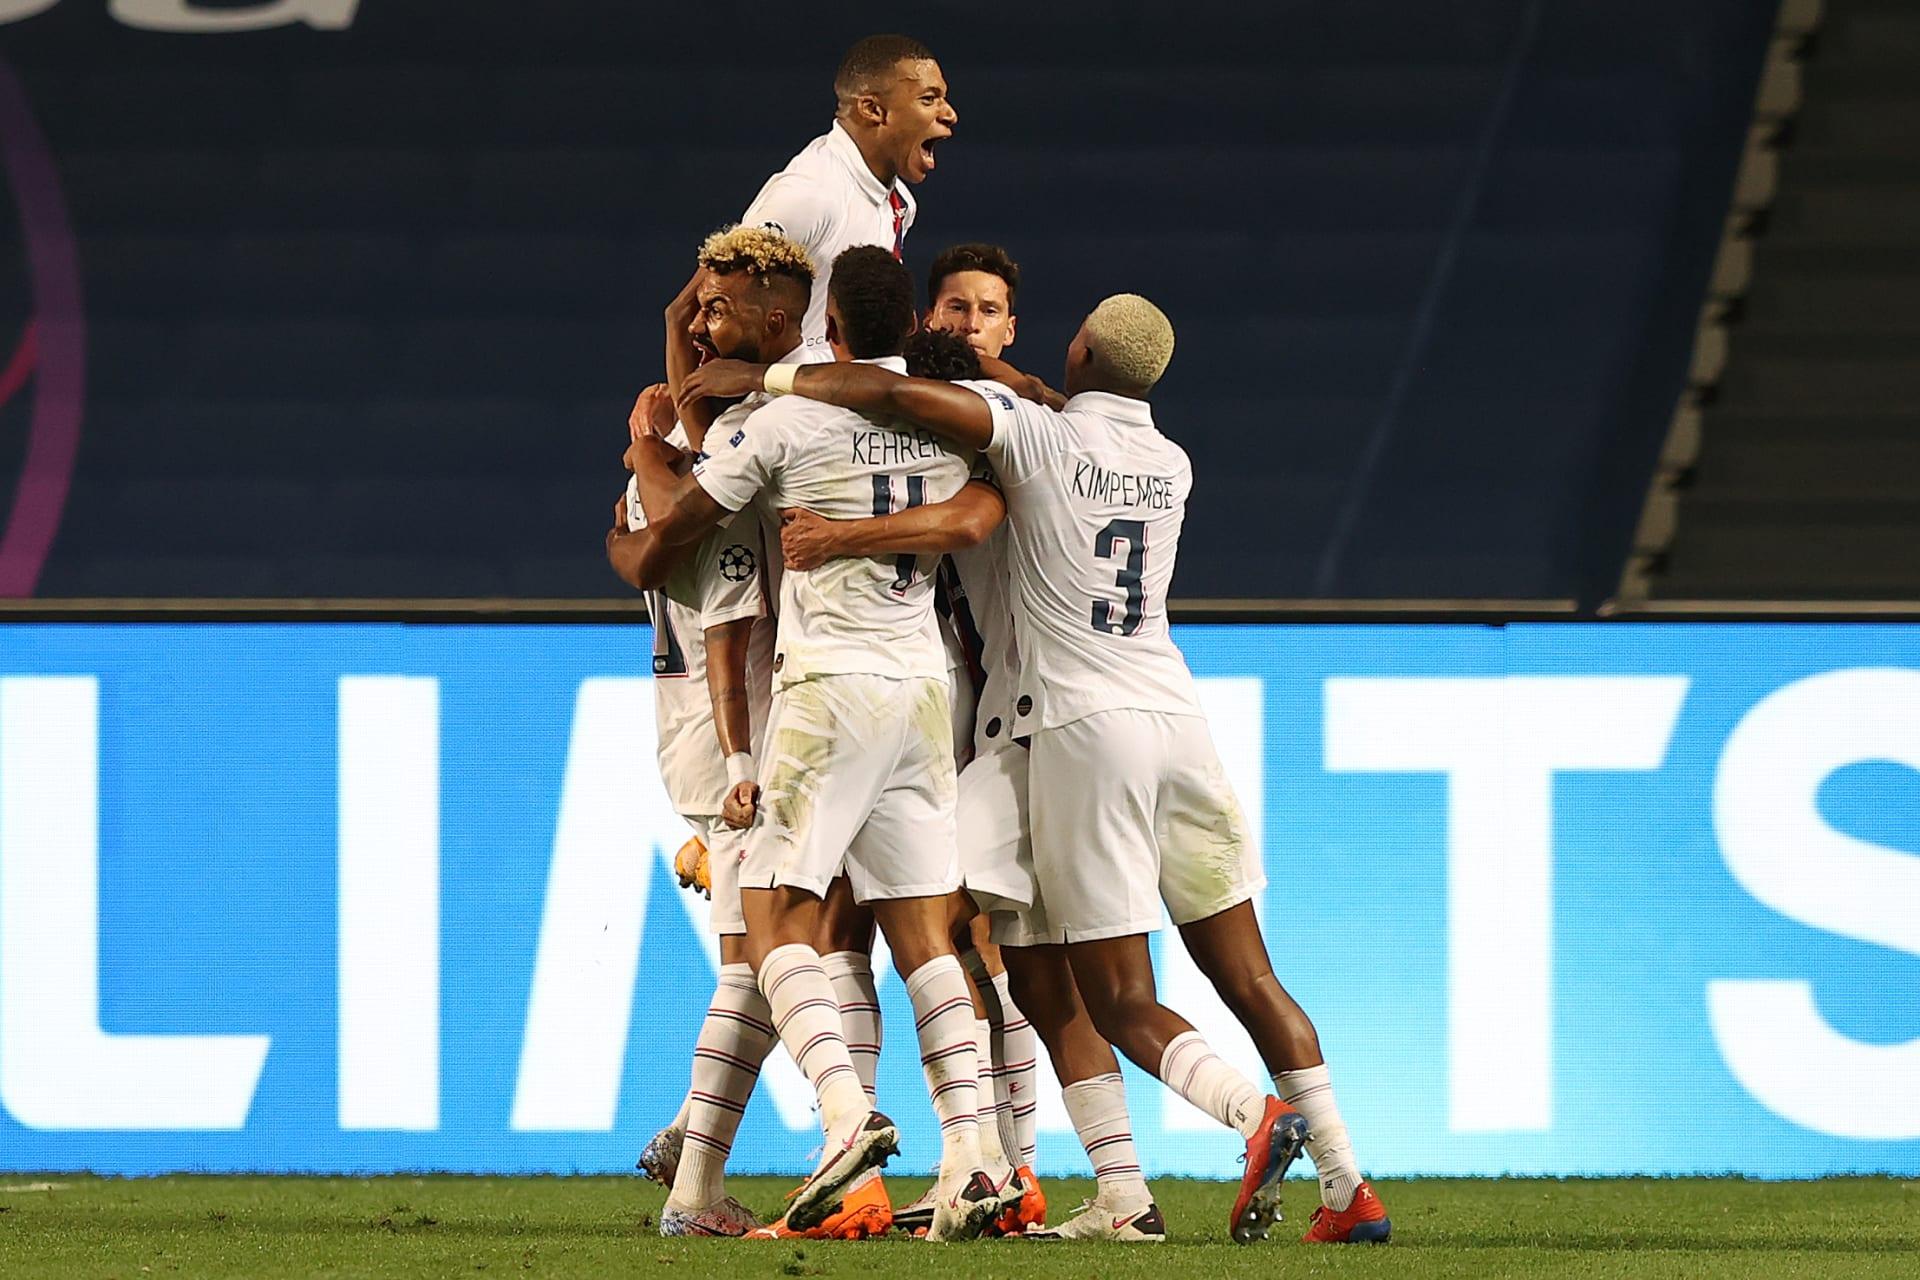 لاعبو باريس سان جيرمان الفرنسي يحتفلون بهدف التعادل مع أتلانتا الإيطالي في منافسات دوري أبطال أوروبا